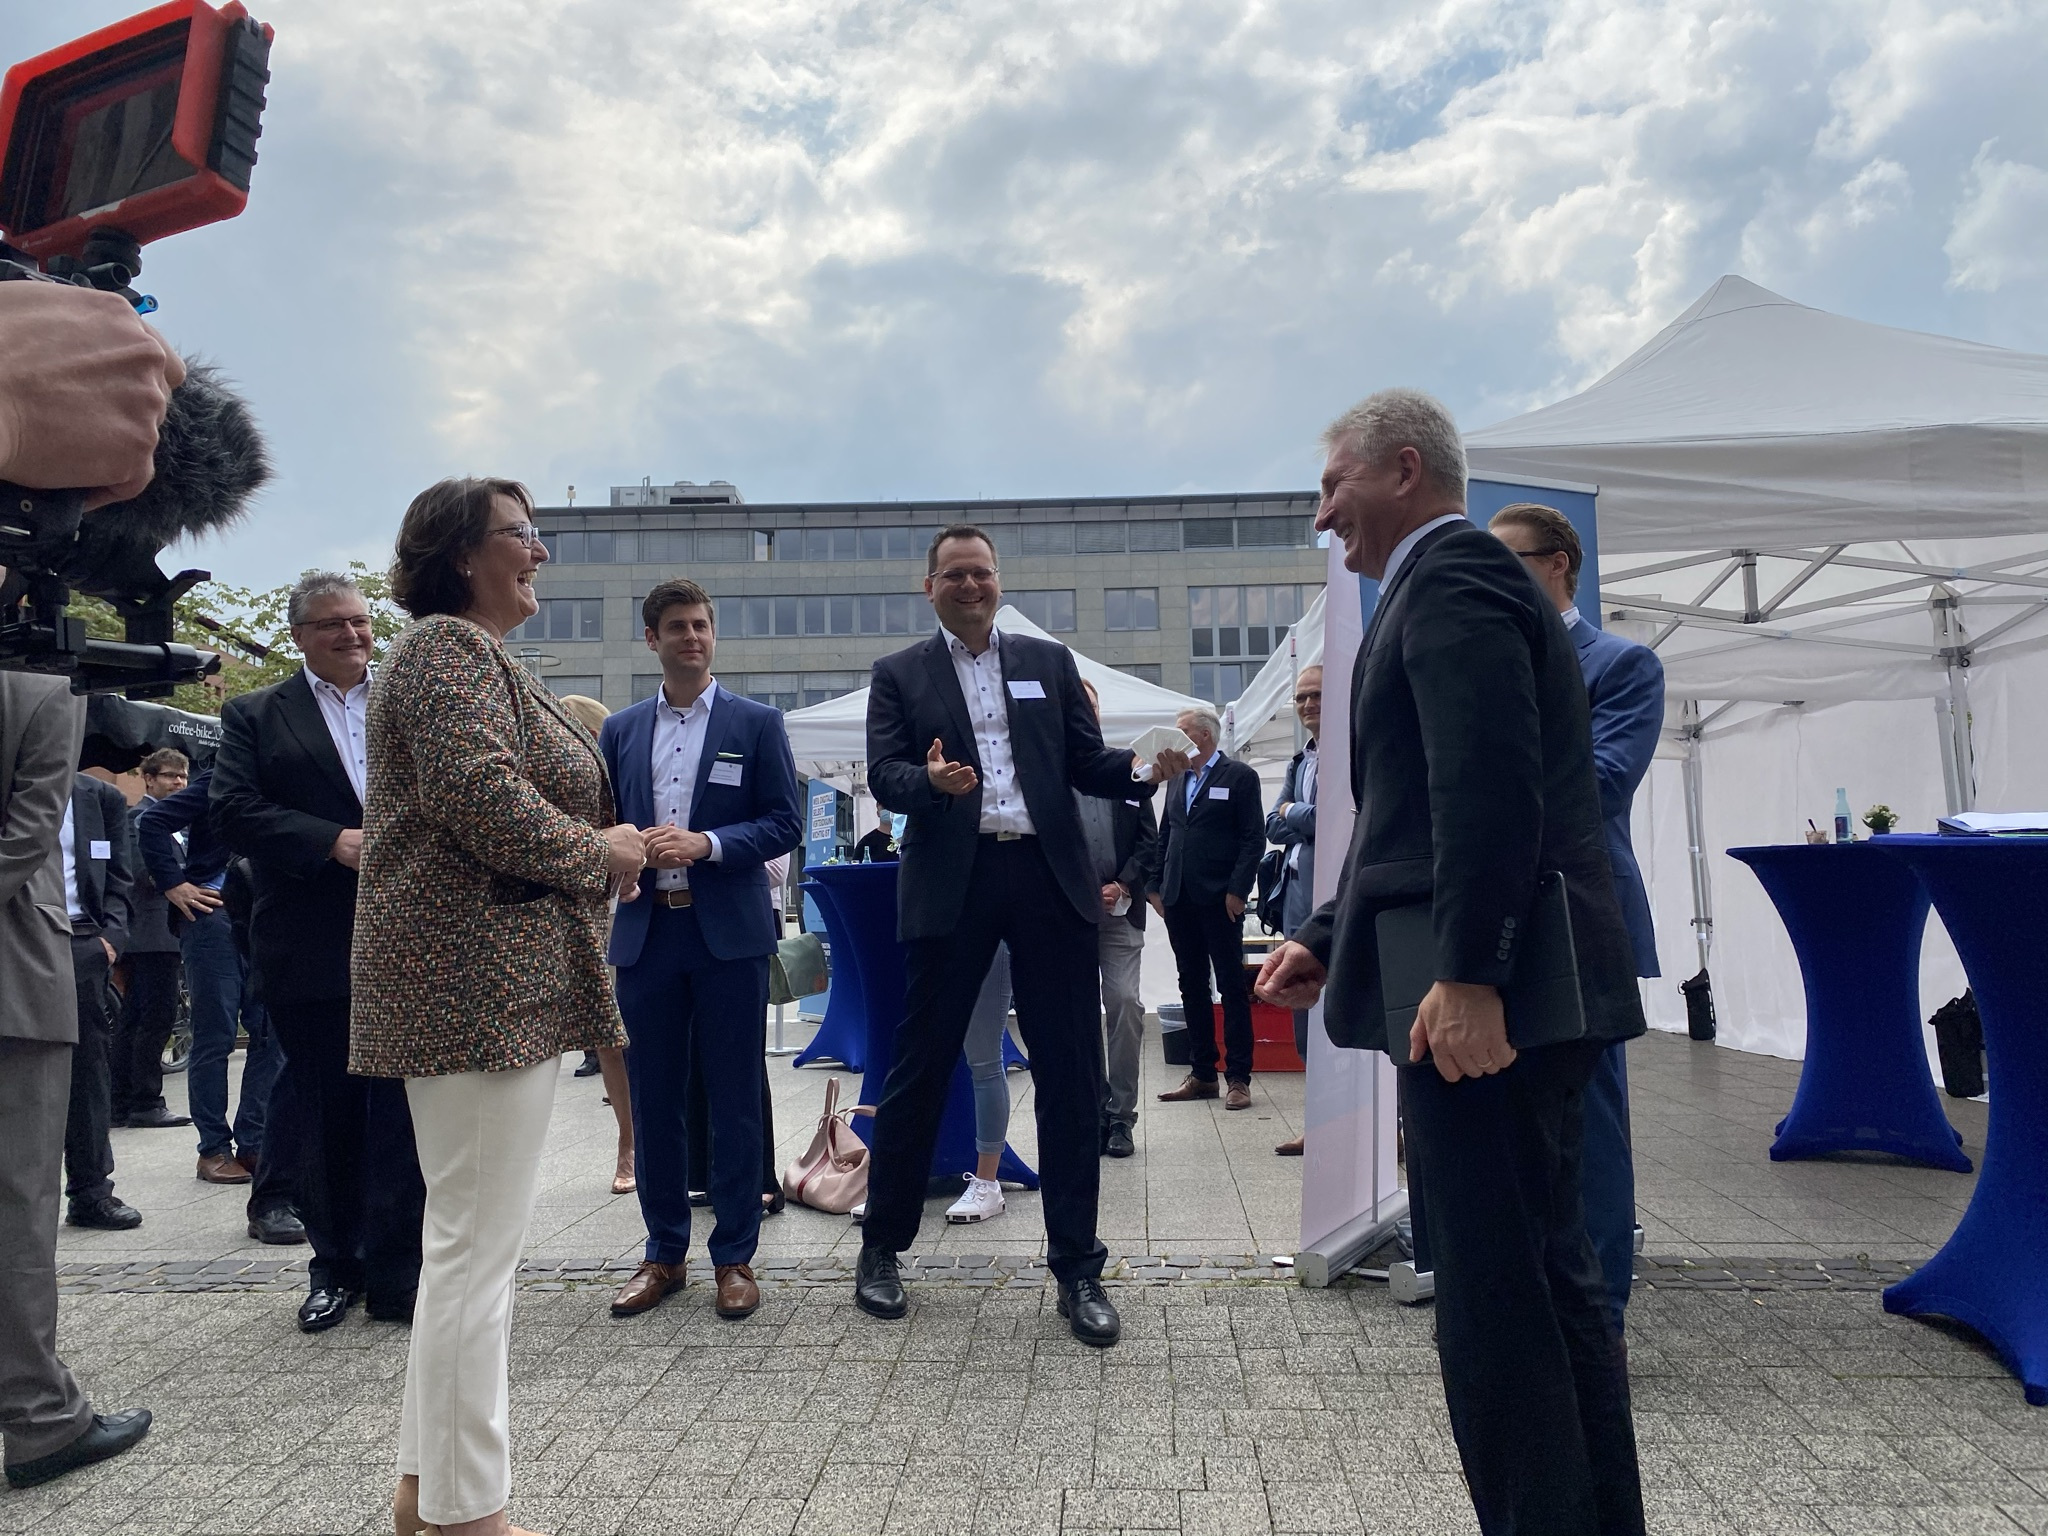 DIGITAL.SICHER.NRW – Kompetenzzentrum für Cybersicherheit in NRW in Bochum offiziell eröffnet